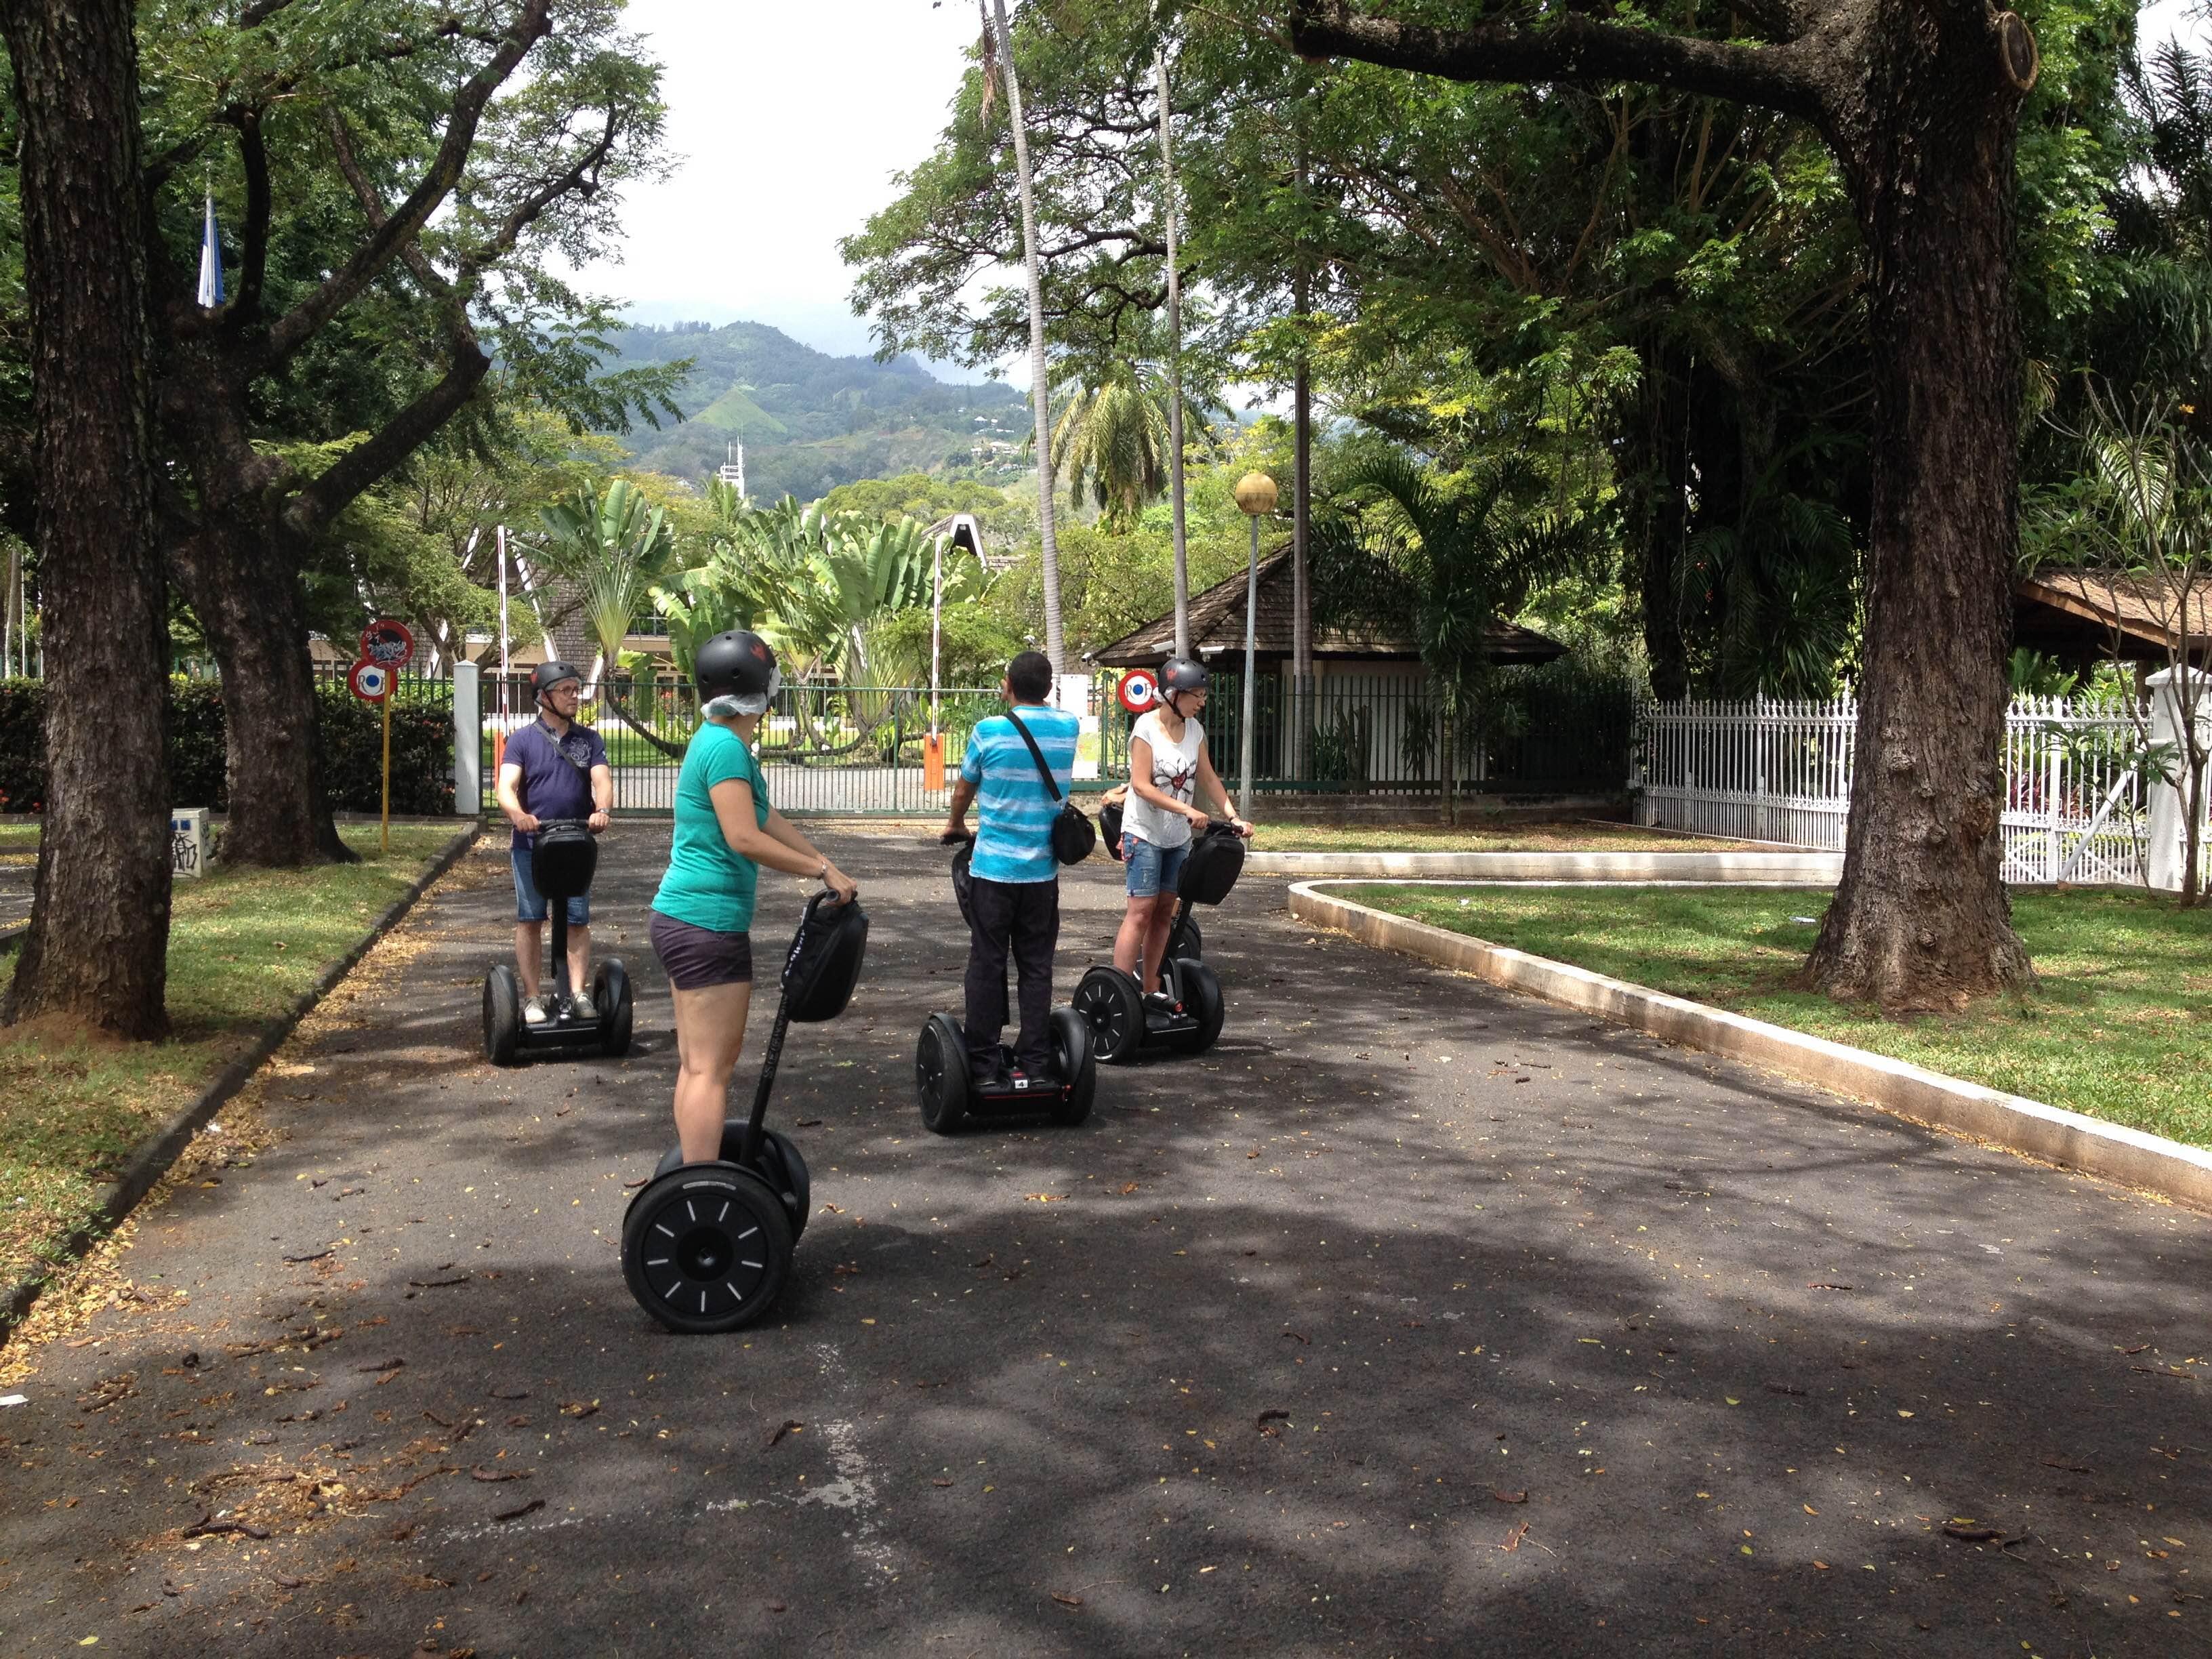 Haut commissariat en Segway à Papeete